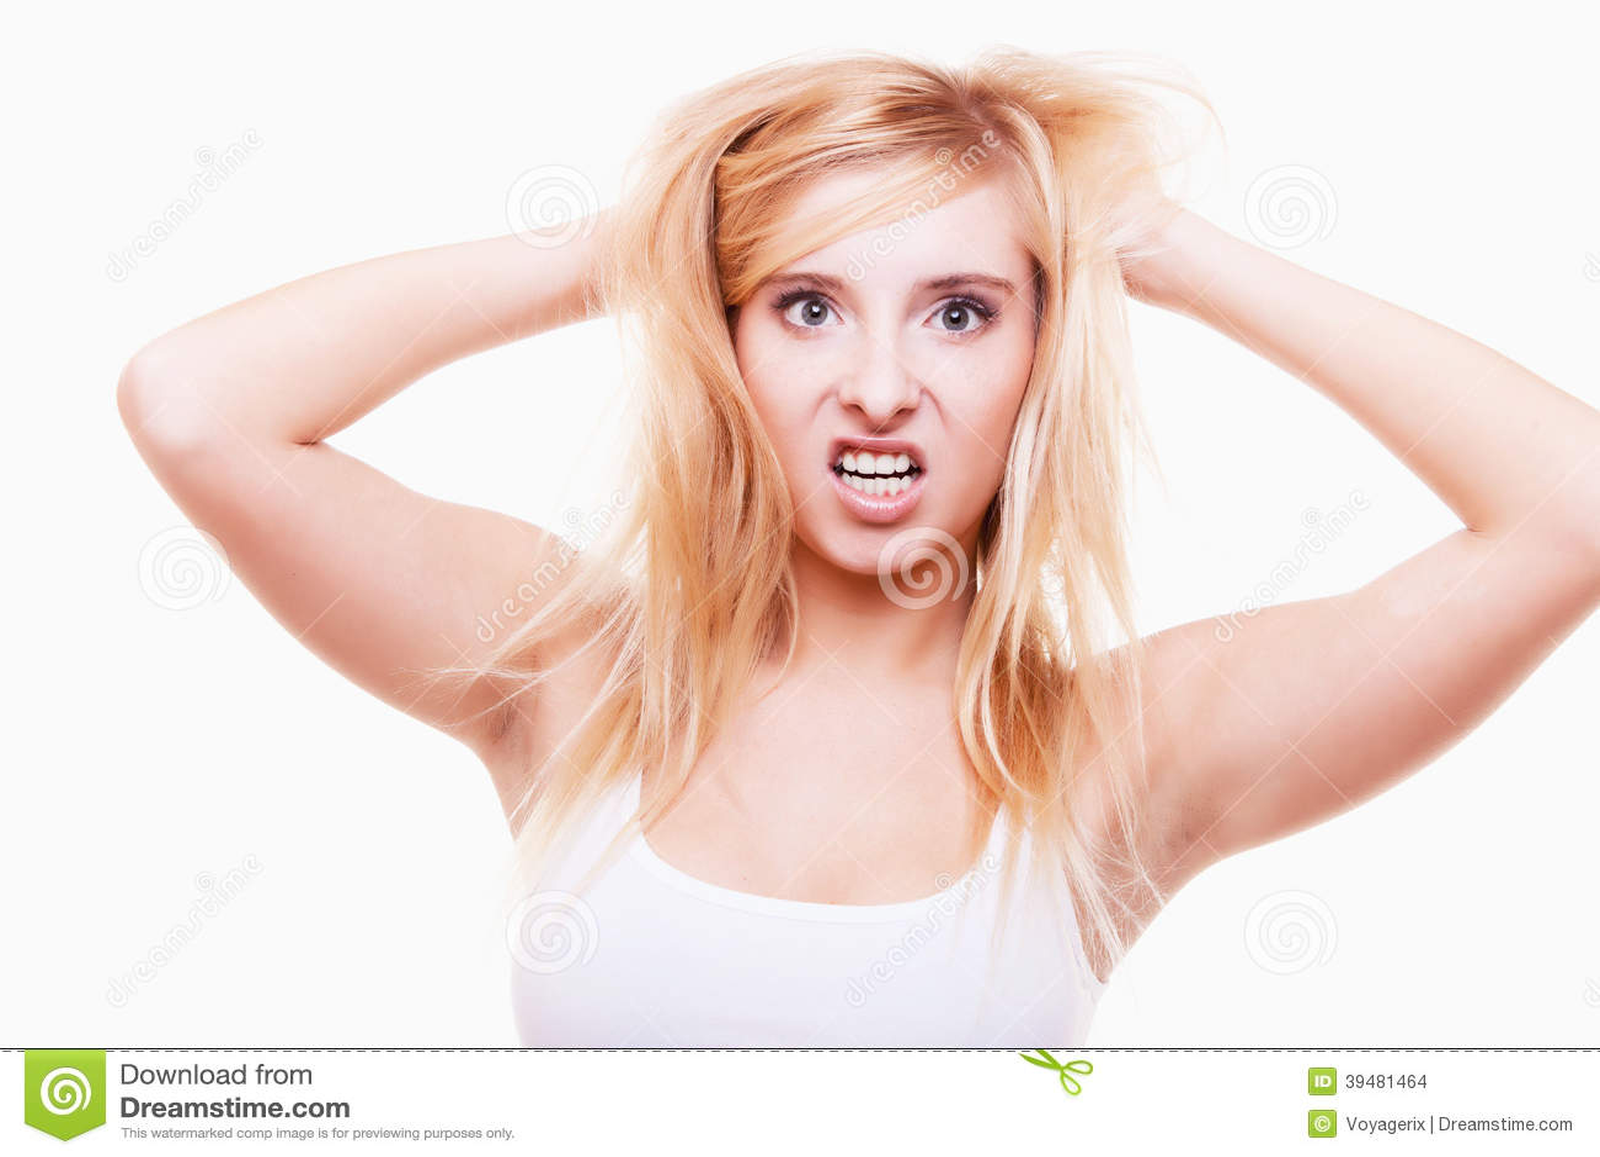 Druck. Junge Frau frustriert, ihr Haar auf Weiß ziehend